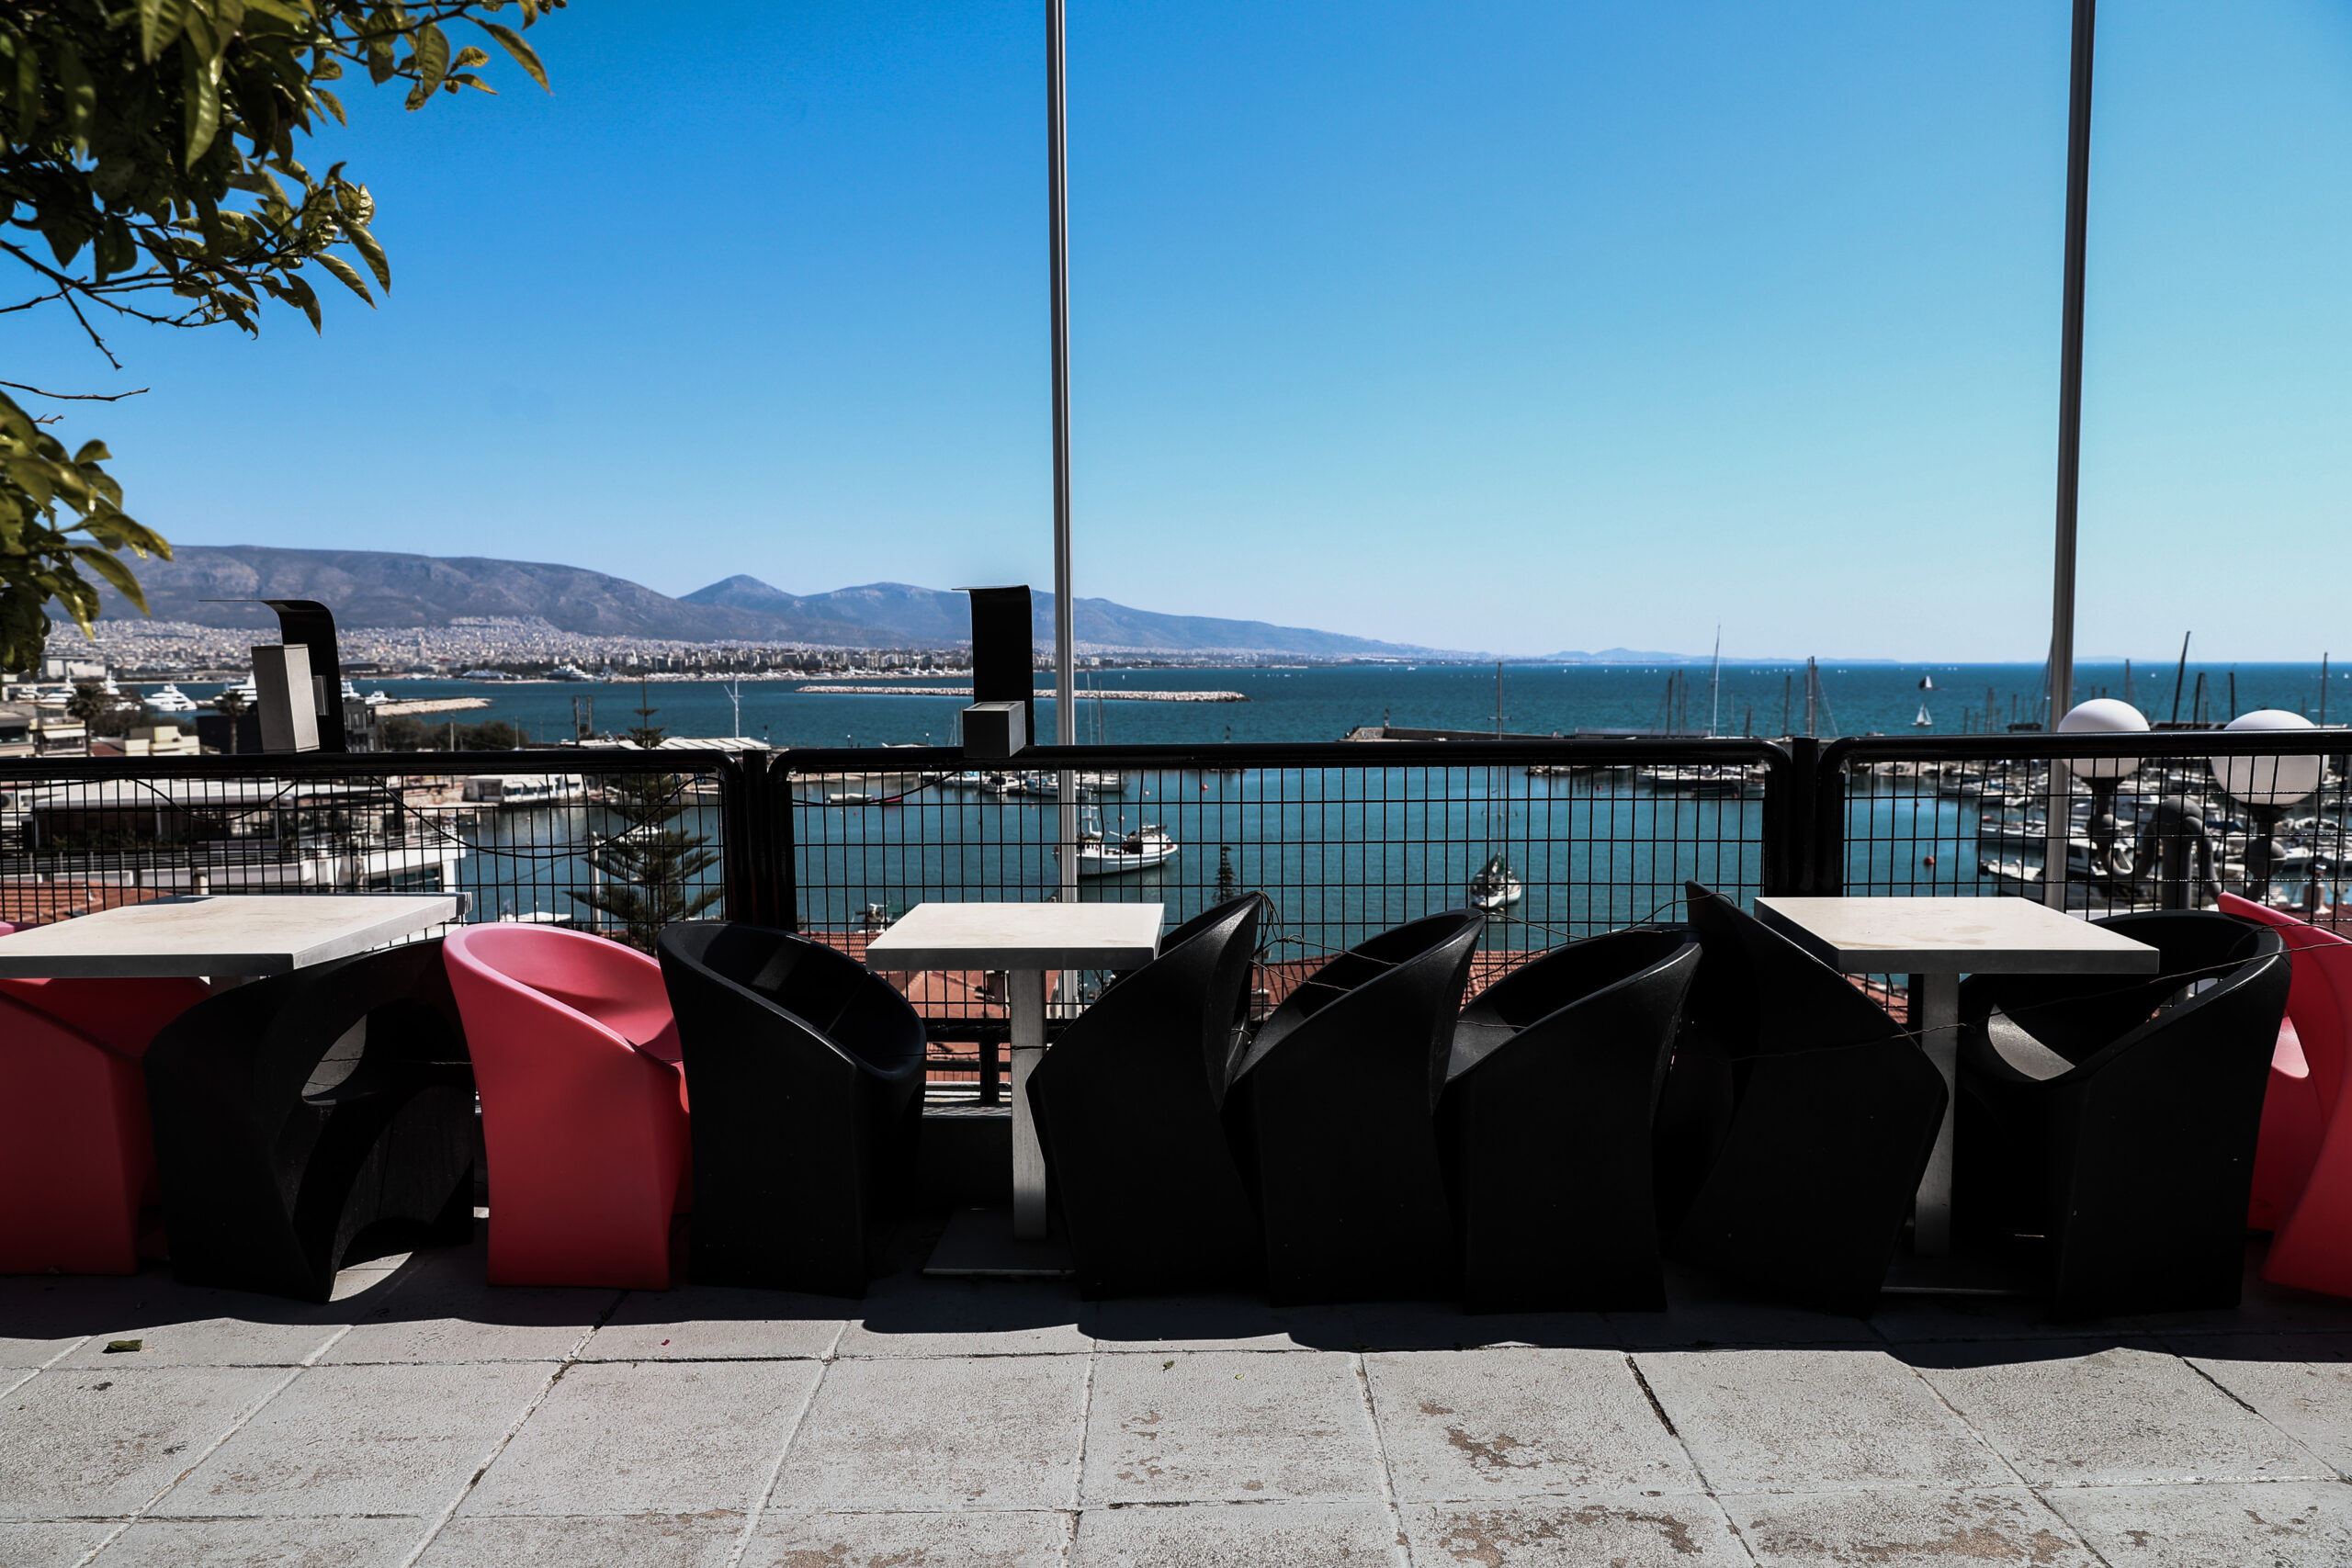 Διευκολύνσεις-ανάσα από το Δήμο Πειραιά στους επαγγελματίες της εστίασης